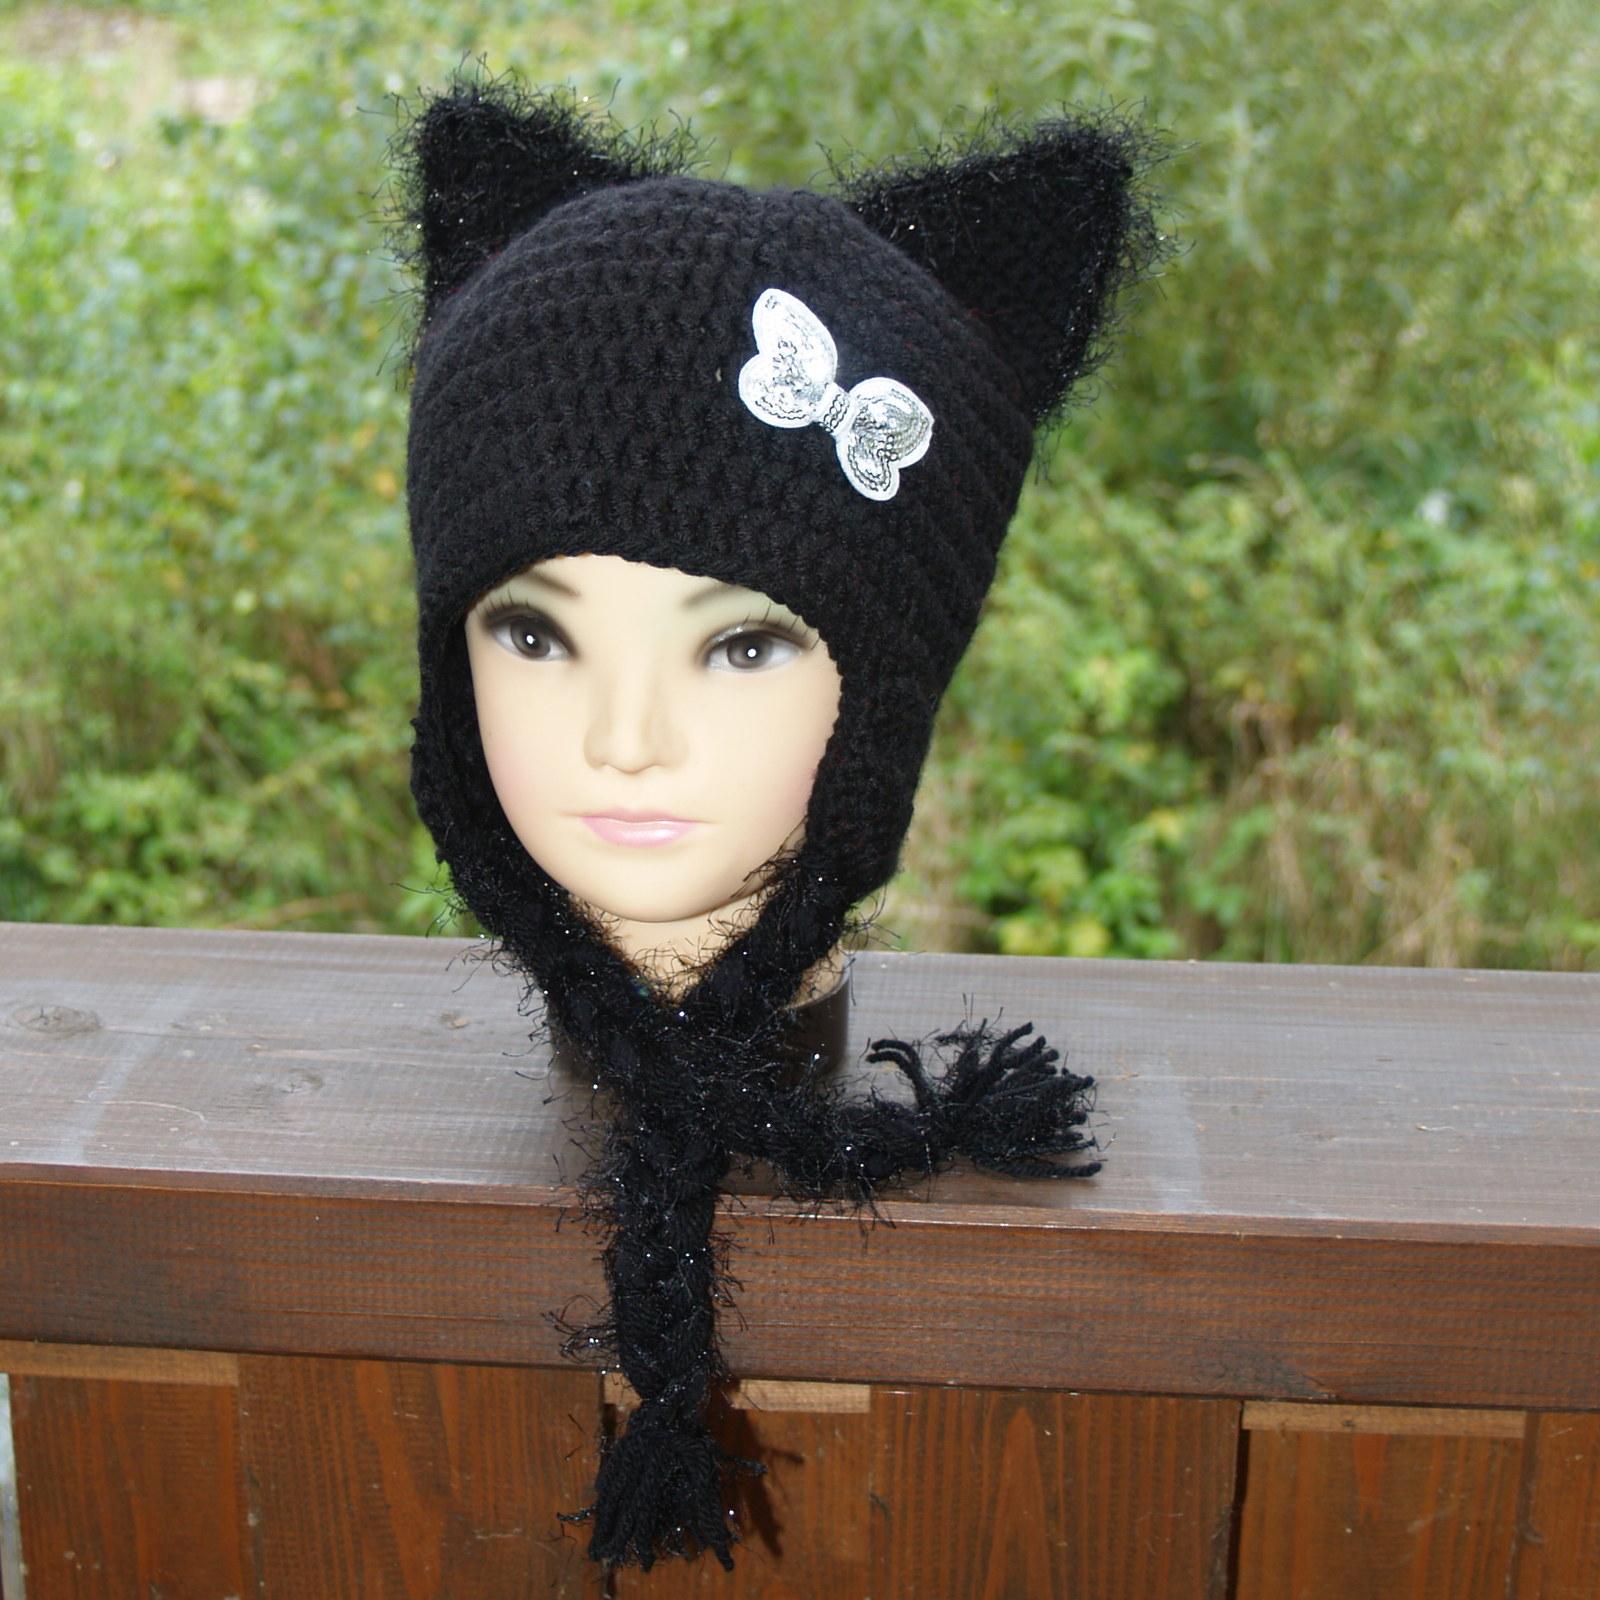 Kočka v černém - zimní čepice   Zboží prodejce Lucinka27  c8a0343c86